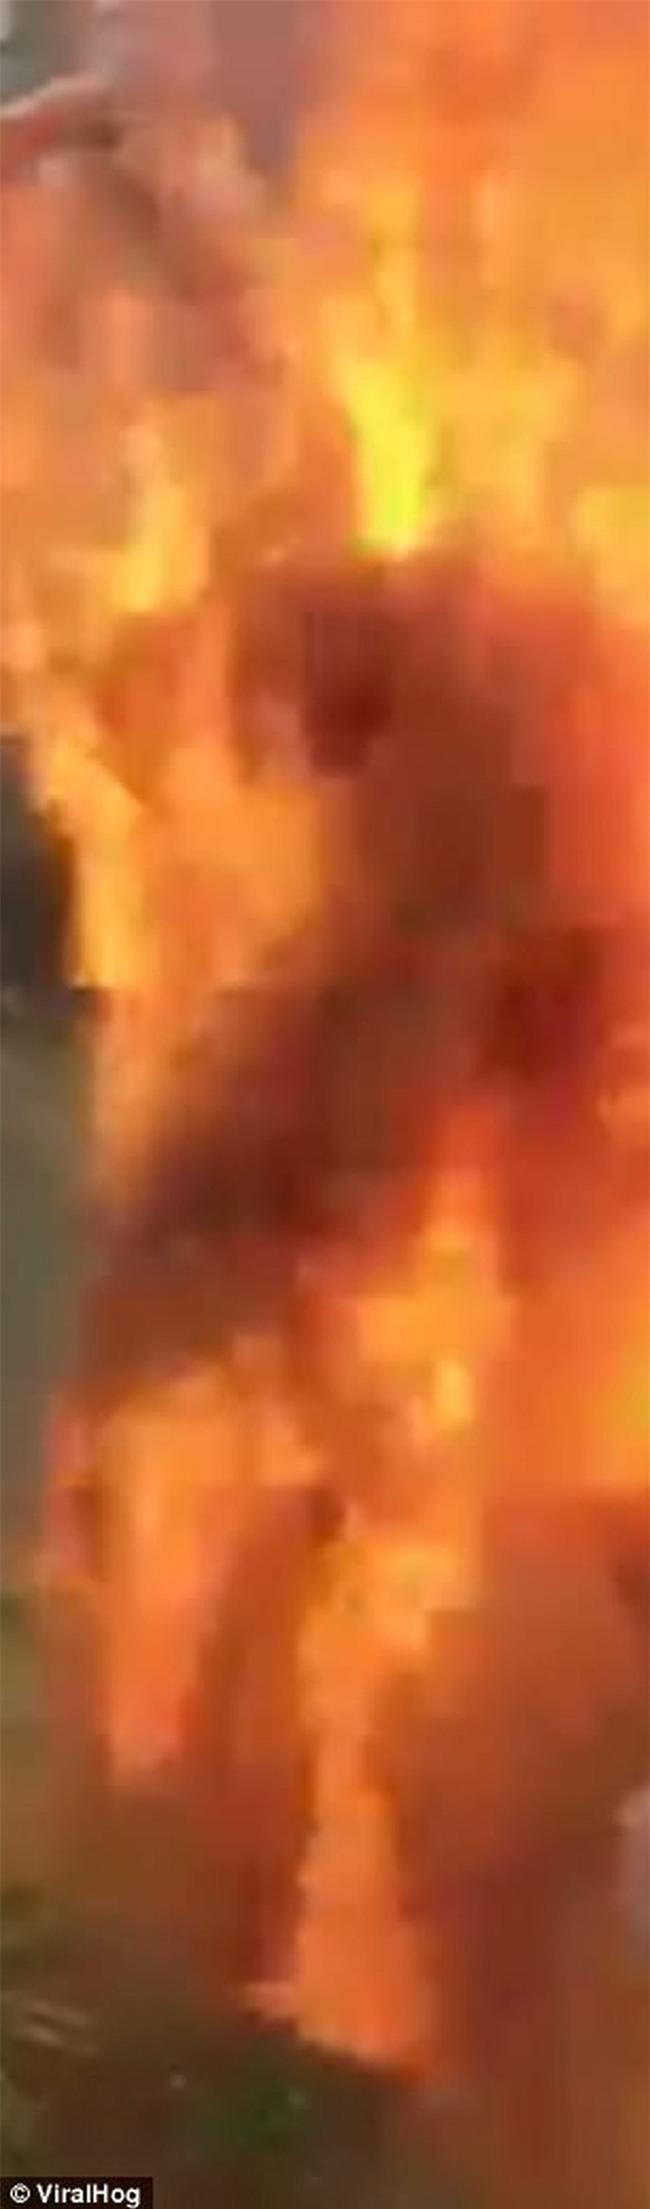 Bị bạn bè trói và ném gia vị vào người, chàng trai trẻ bất ngờ bốc hỏa rồi ngã vật xuống đất - Ảnh 3.